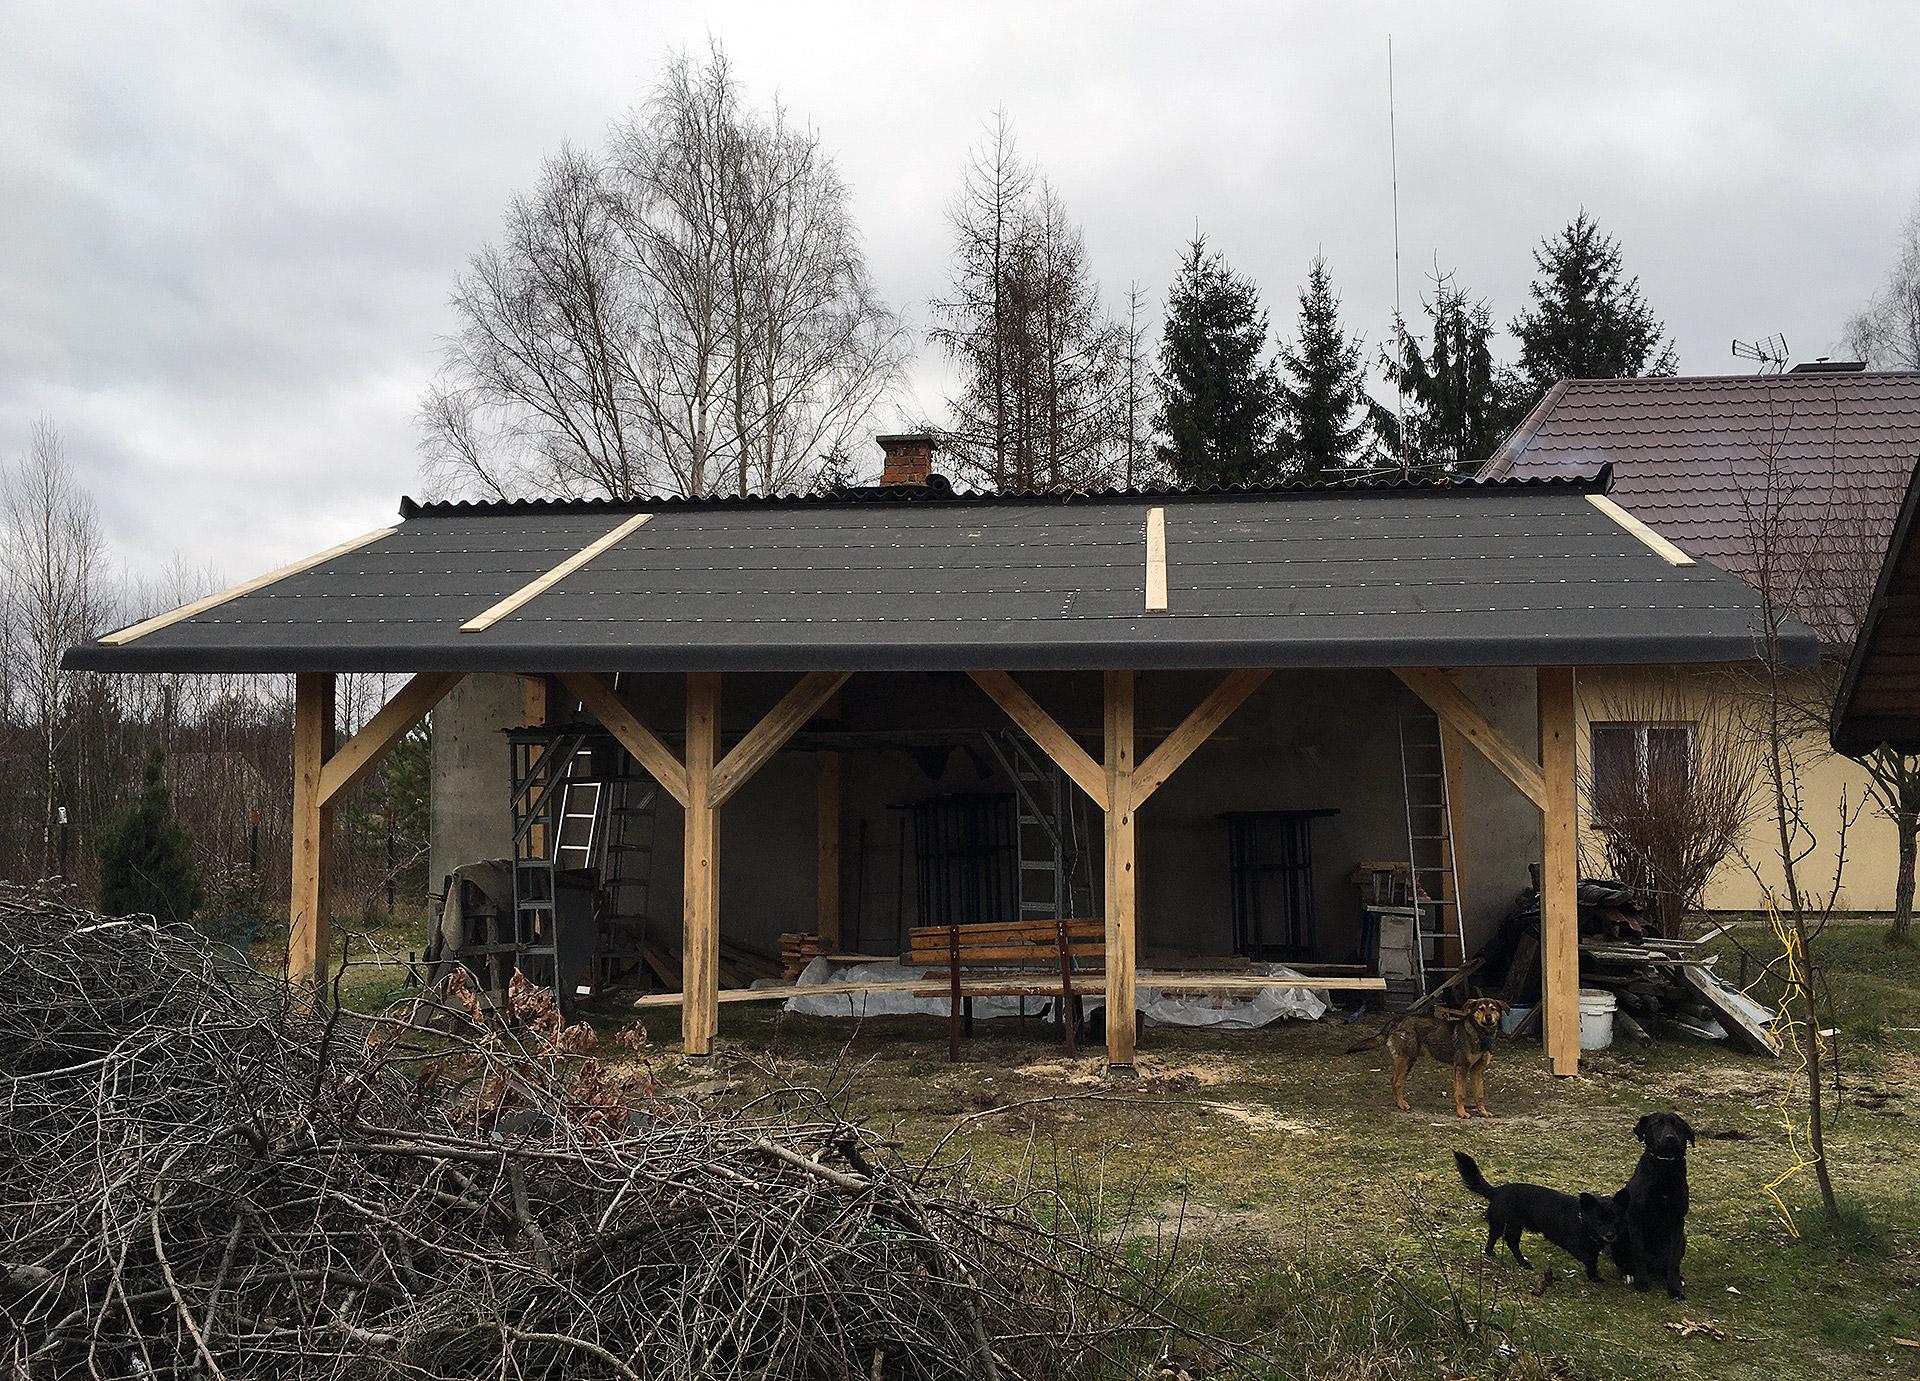 Pokrycie papą asfaltową dachu wiaty i przybicie gwoździami papowymi z podkładką.